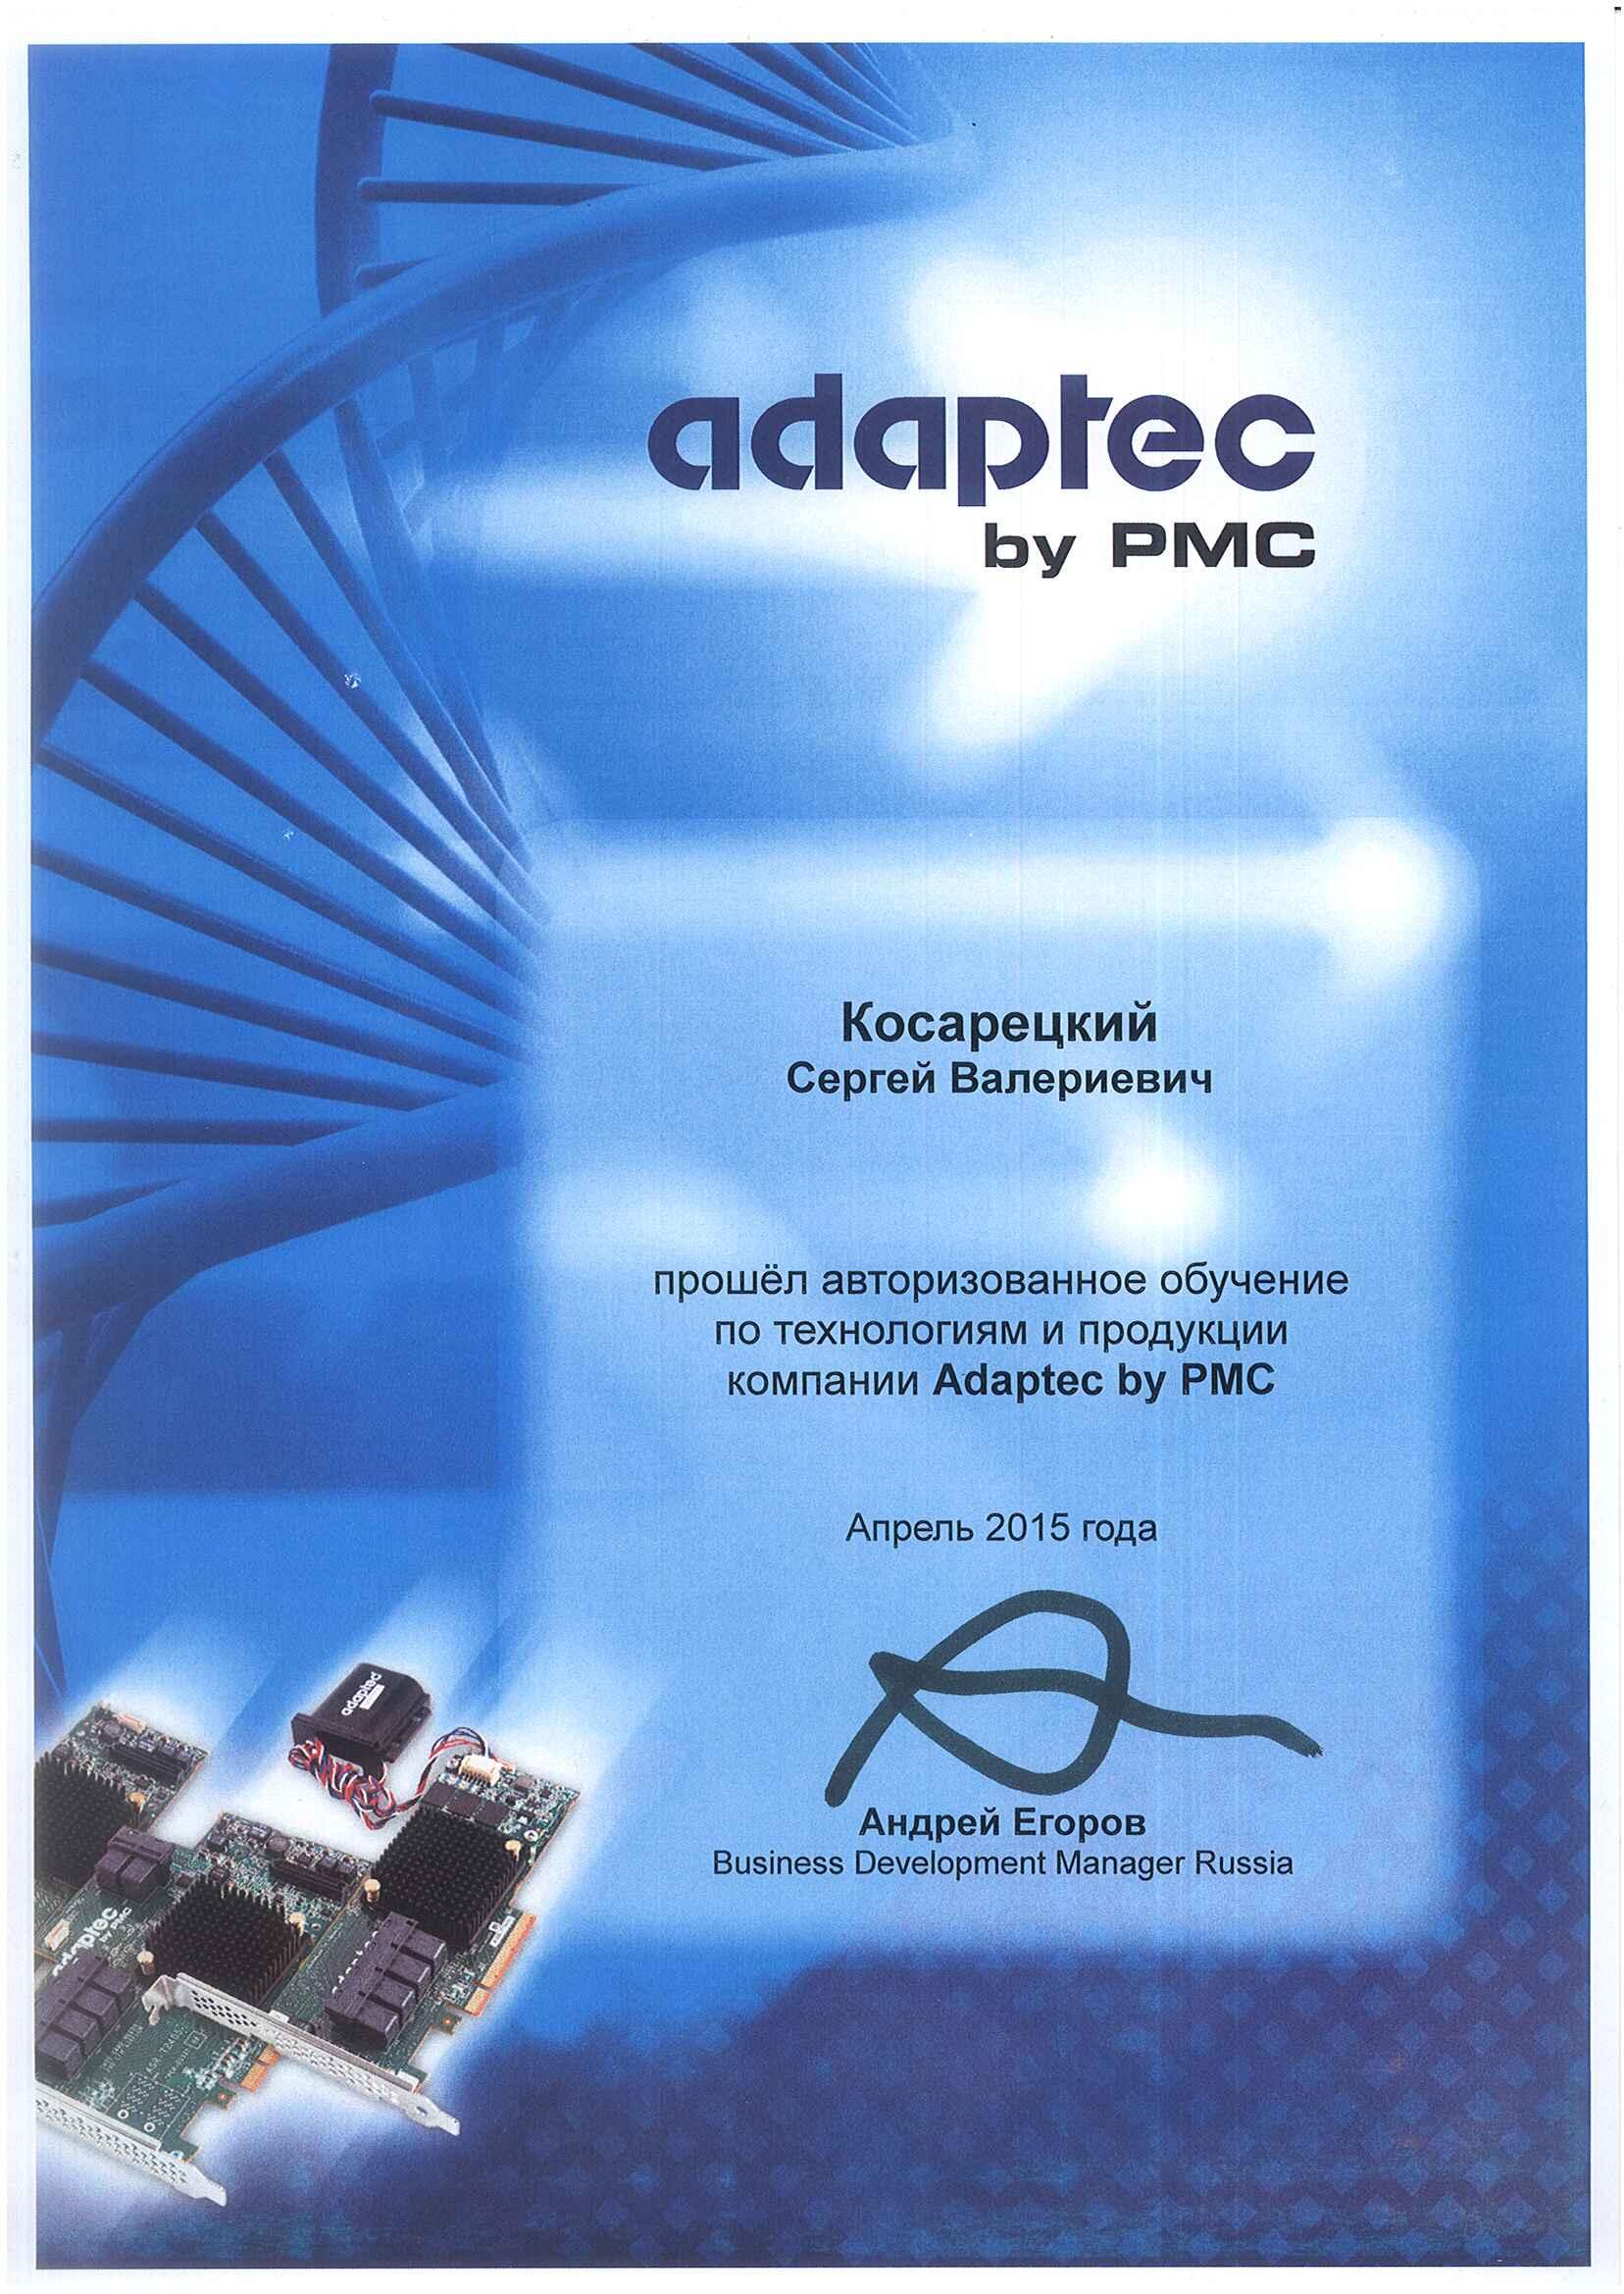 Сертификат Adaptec-Косарецкий Сергей Валериевич